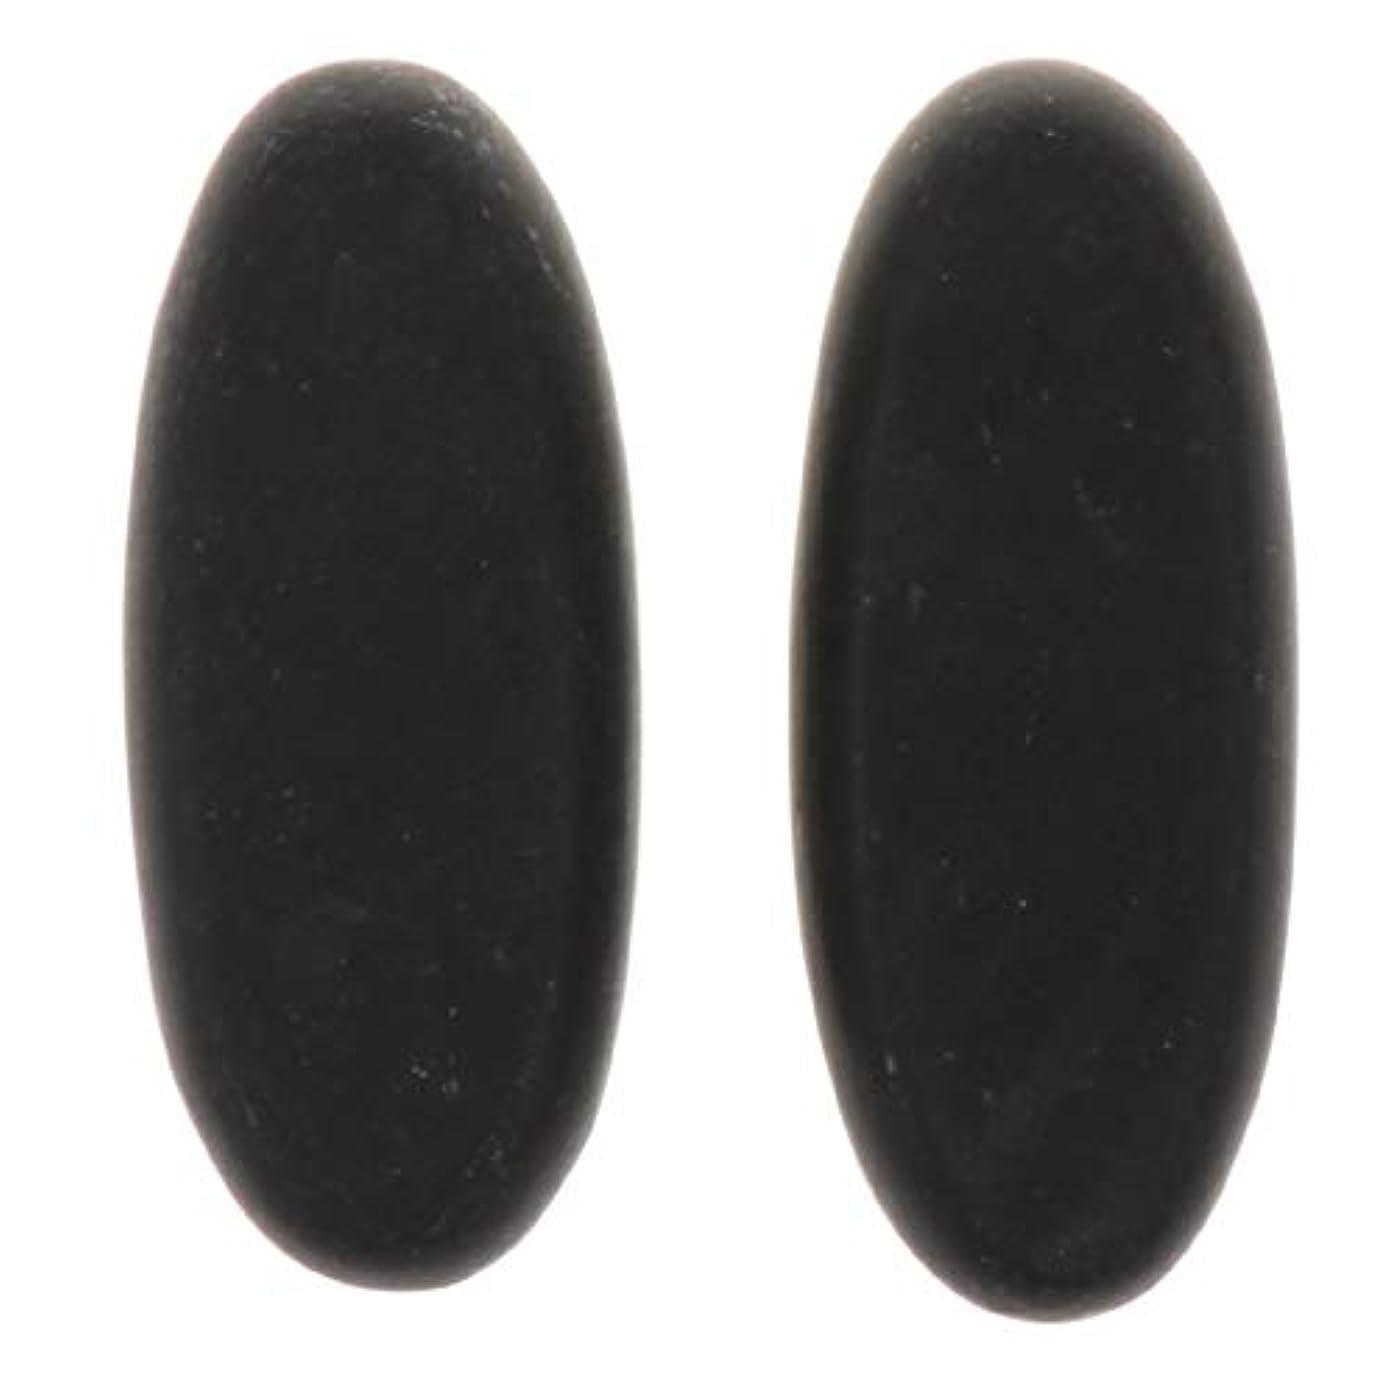 資本主義推進、動かす何よりもマッサージストーン マッサージ石 天然石ホットストーン マッサージ用玄武岩 ツボ押し SPA 2個 全2サイズ - 8×3.2×1.5cm